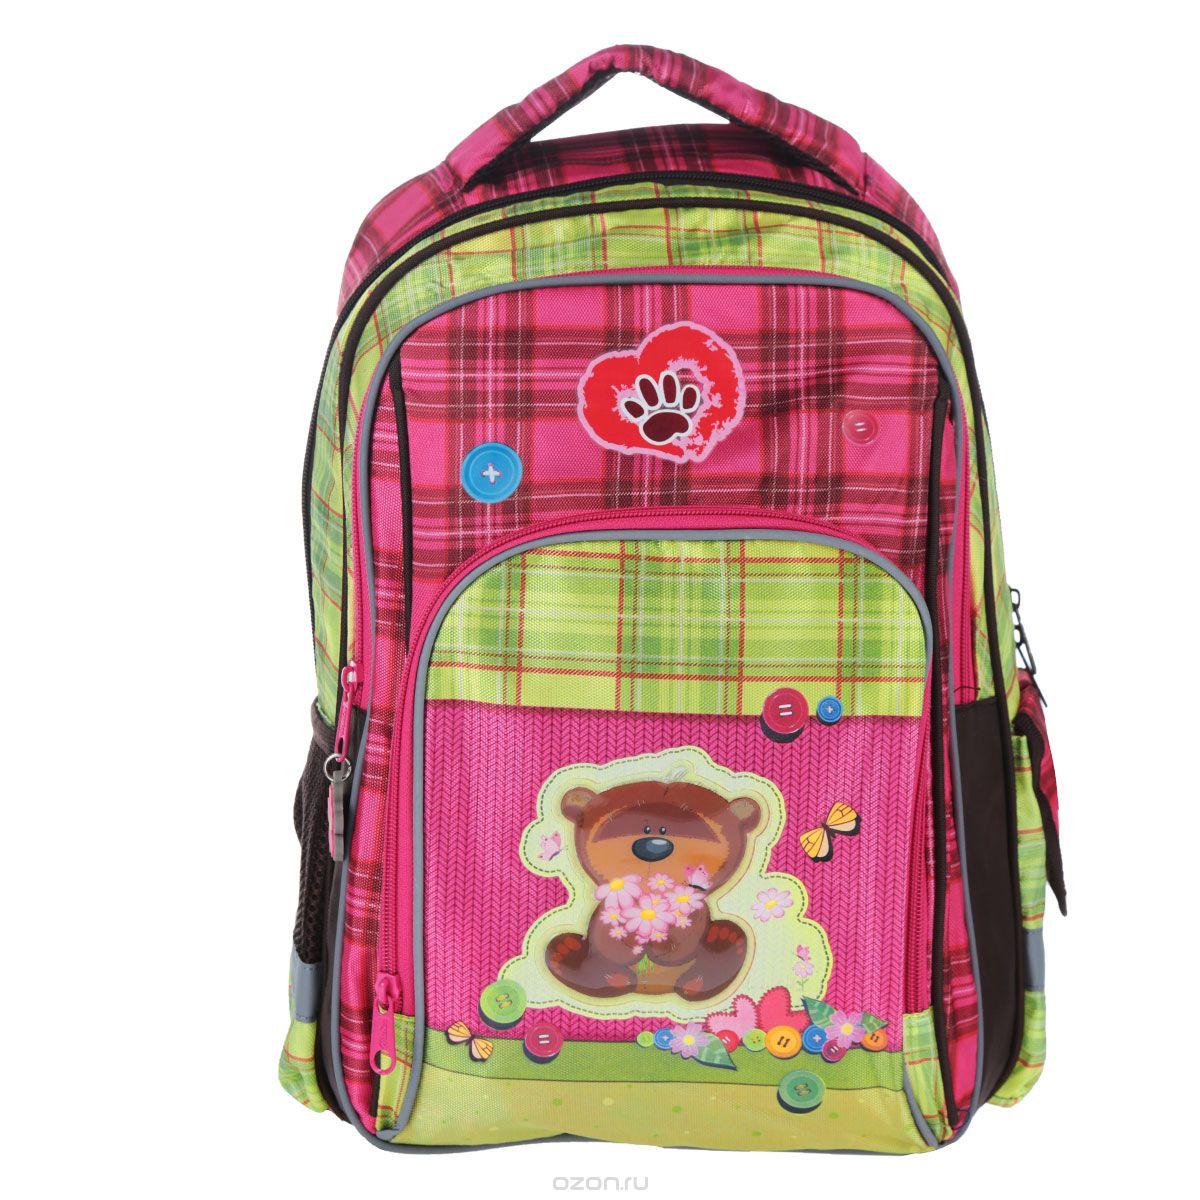 Рюкзак школьный Bitty Buttons: Hatber, цвет: розовый, зеленый, коричневыйNRk_60715Облегченный школьный рюкзак Bitty Buttons: Hatber для детей младшего и среднего возраста изготовлен из качественного нейлона, характеризующегося повышенной износостойкостью, водонепроницаемостью и устойчивостью к УФ-излучению. Изделие оформлено милым мишкой с букетом, бегунок змейки украшен брелоком в форме цветка. Рюкзак имеет два основных отделения, большое и малое, которые закрываются на застежки-молнии. Внутри большого отделения расположены: два накладных кармана, и резинка с фиксатором. Внутри малого отделения расположены пять накладных карманов для канцтоваров и мелочей. Снаружи, на лицевой стороне, рюкзака размещен накладной карман на молнии. С двух сторон изделия расположены два накладных кармашка, один из которых застегивается на липучку. У рюкзака предусмотрены две широкие лямки для переноски на плечах, а также имеется петля для подвешивания и ручка для переноски в руке. Изделие дополнено светоотражающими элементами. Многофункциональный школьный рюкзак Bitty...